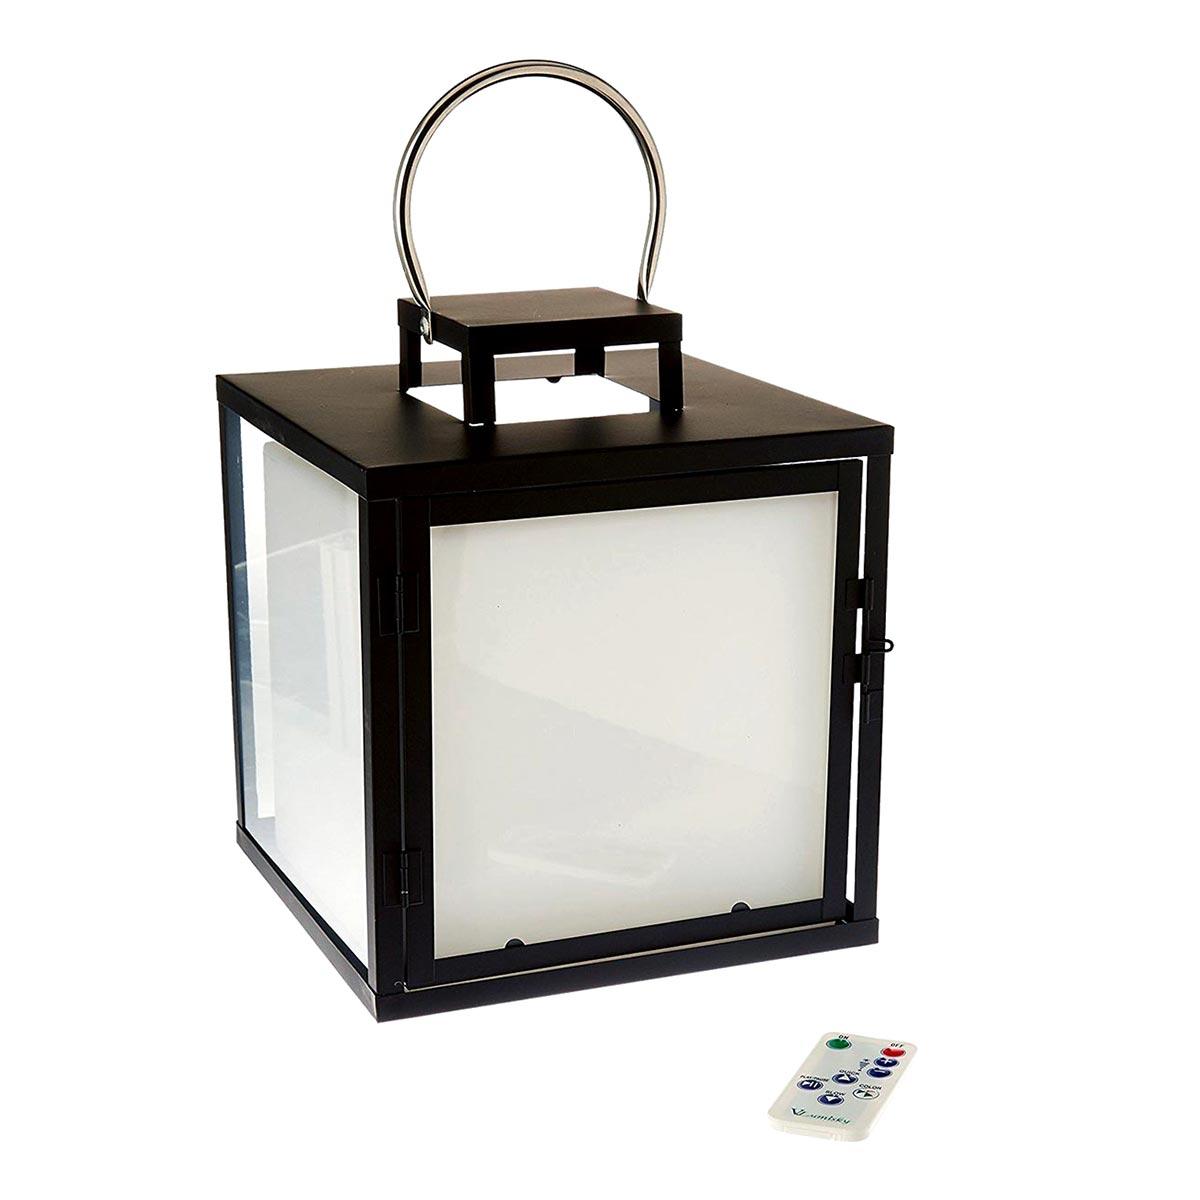 HEAVY-Grande lanterne sans fil acier noir H32cm